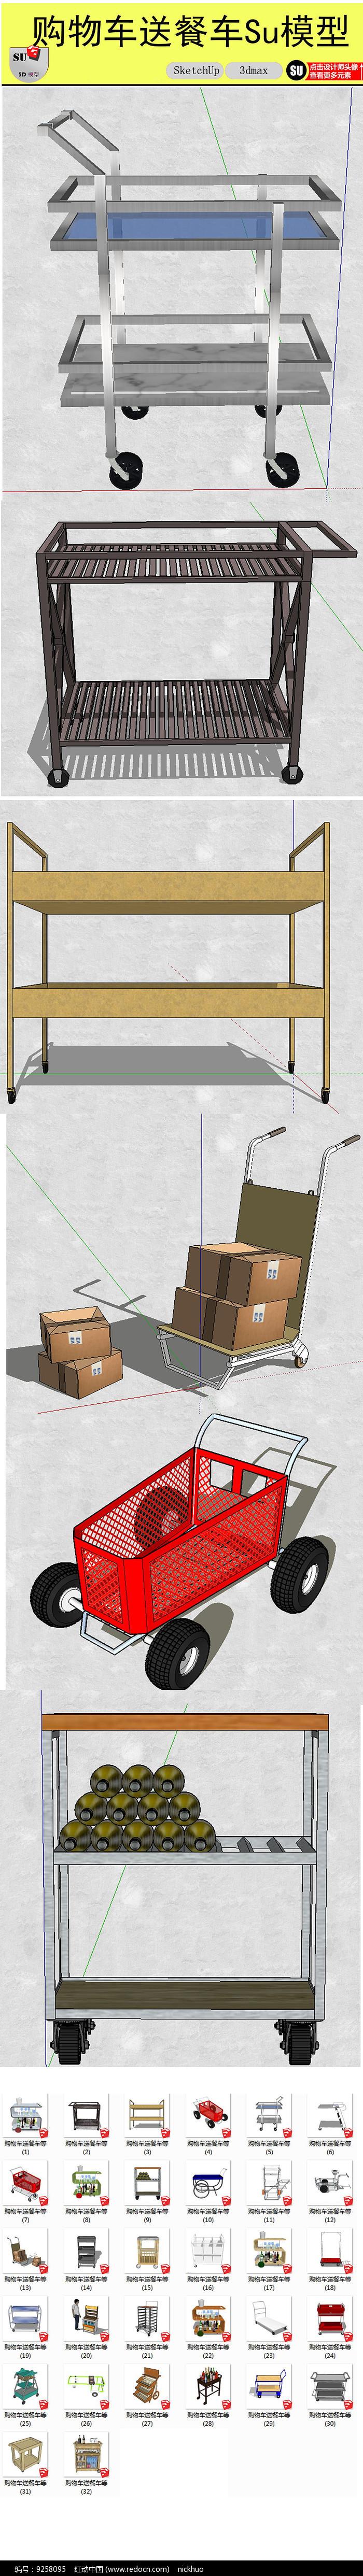 超市购物车送餐车模型图片